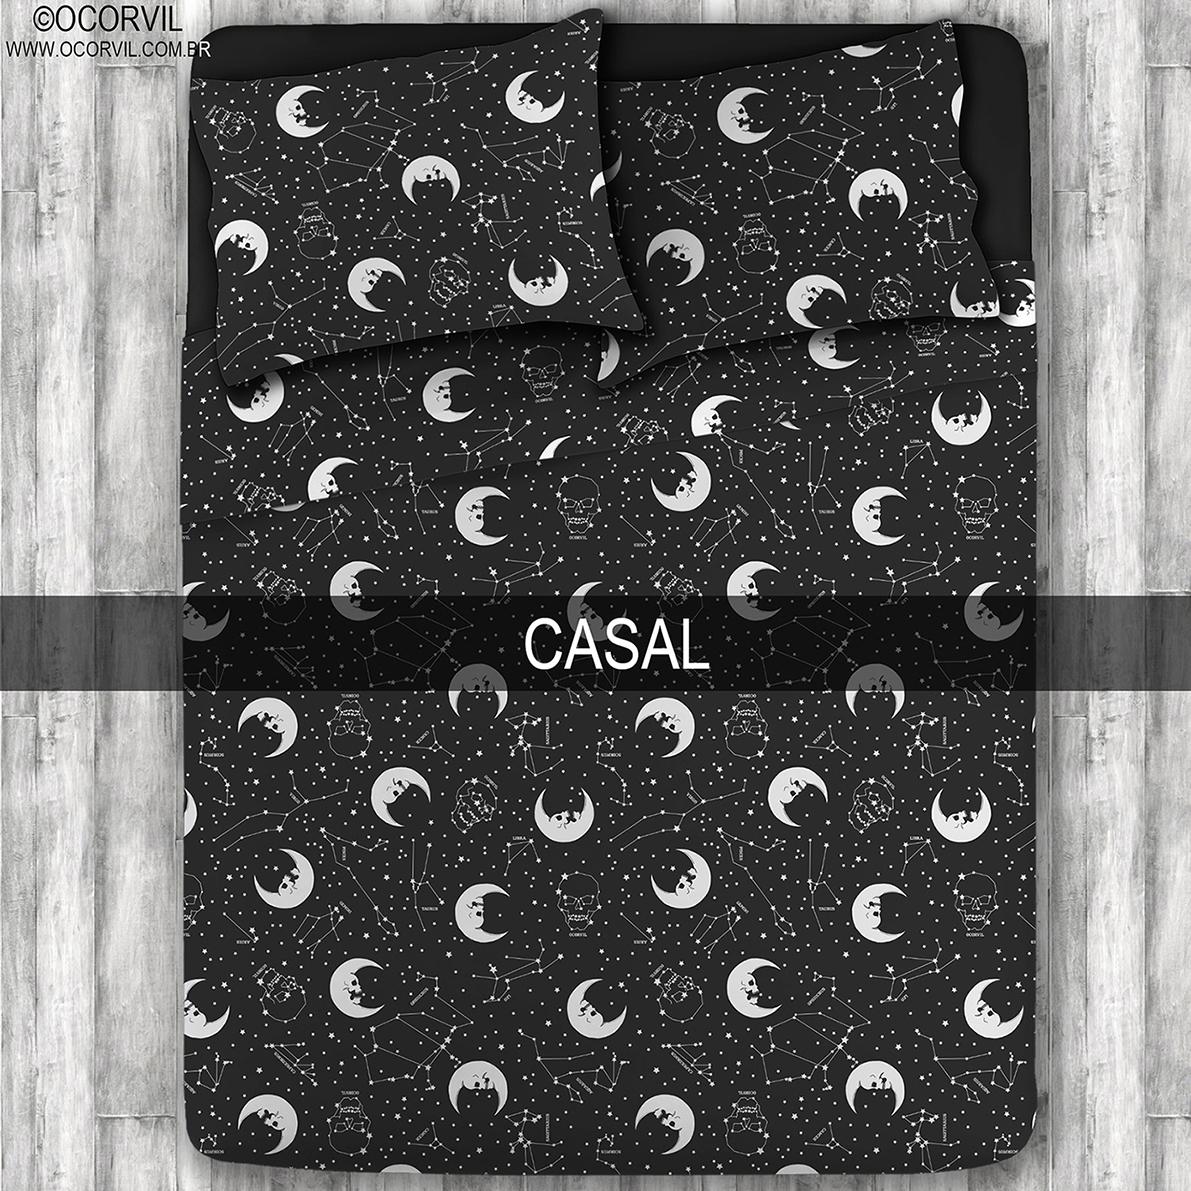 Jogo De Lençol De Lua Caveira E Estrelas Casal